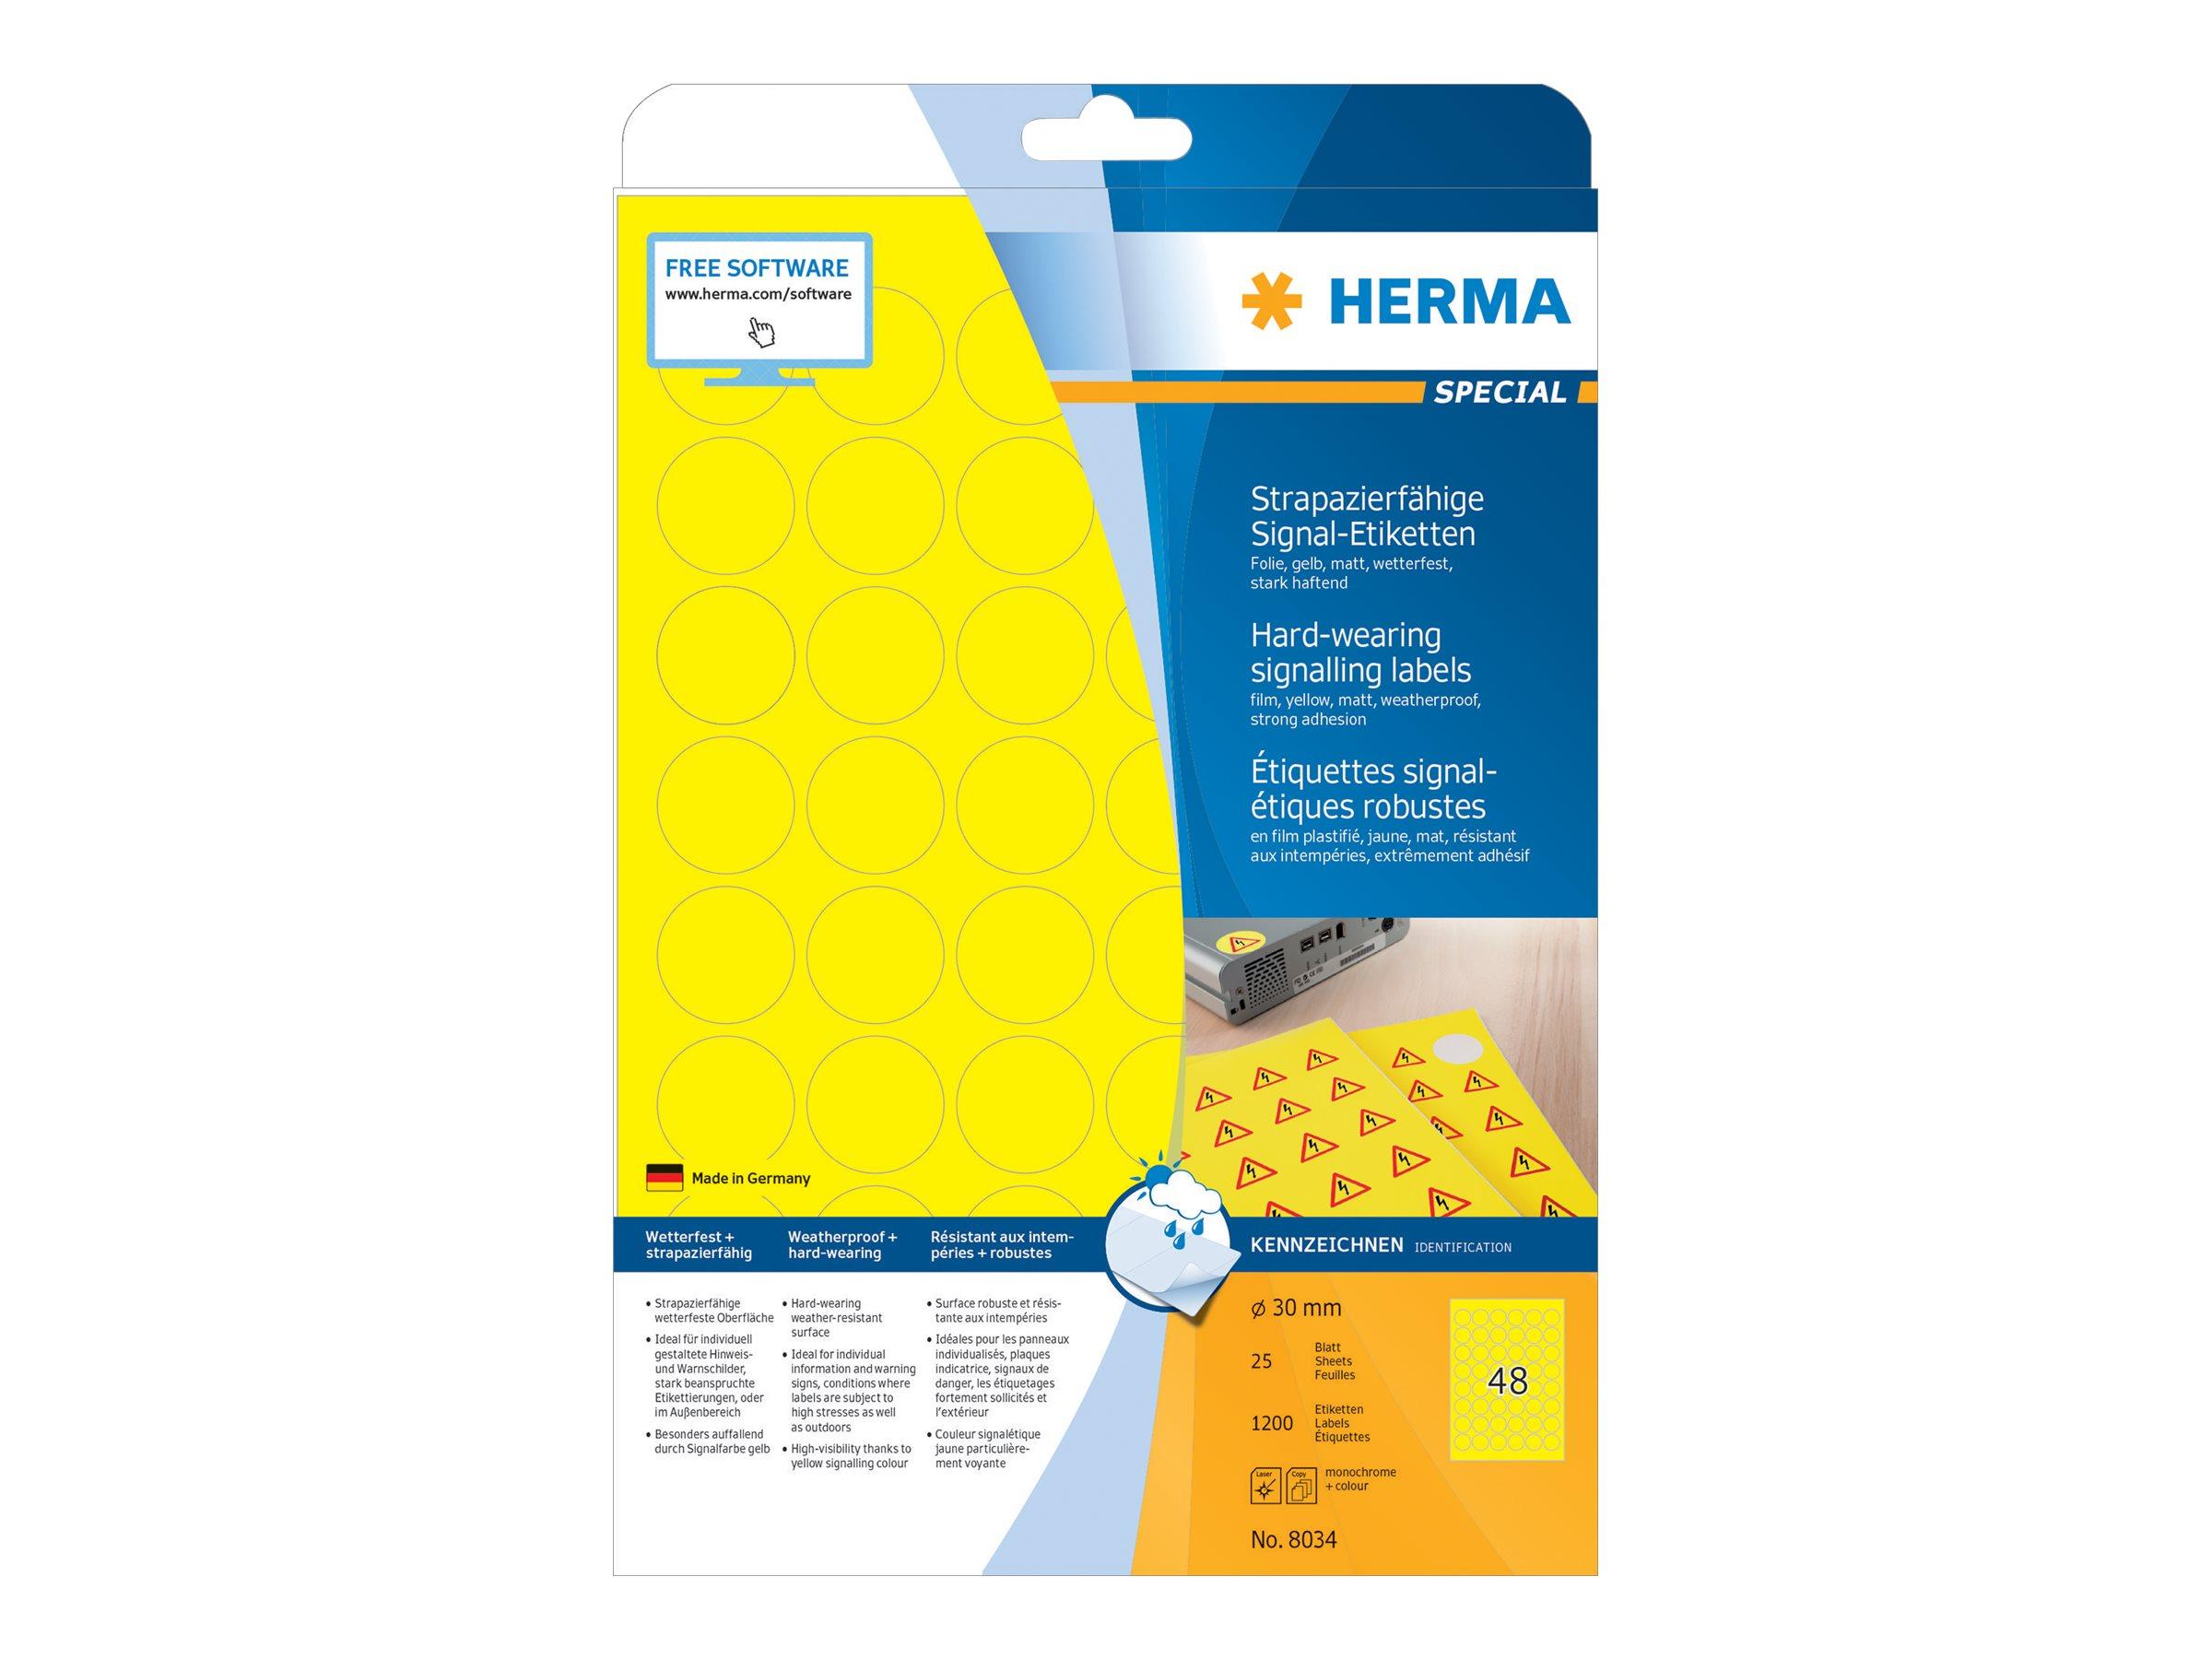 Vorschau: HERMA Special - Matt - selbstklebend